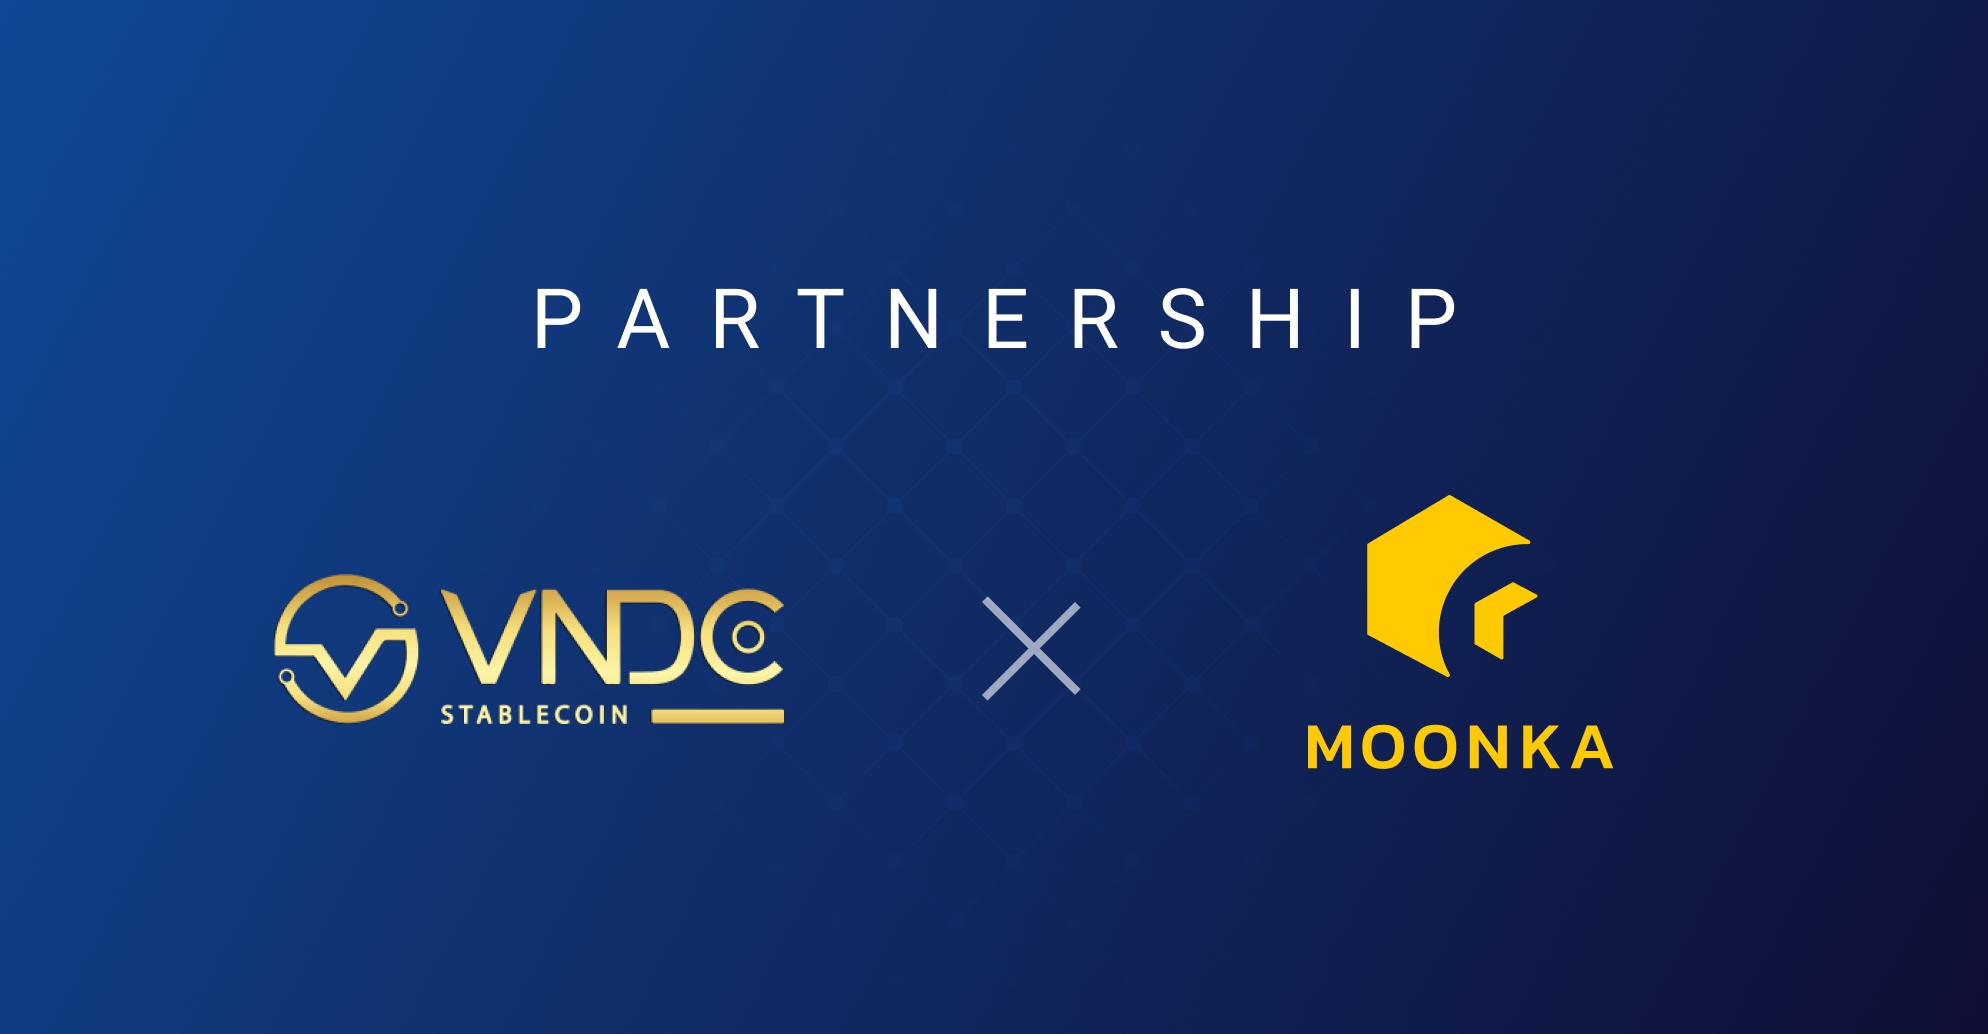 VNDC và MOONKA chính thức trở thành đối tác chiến lược